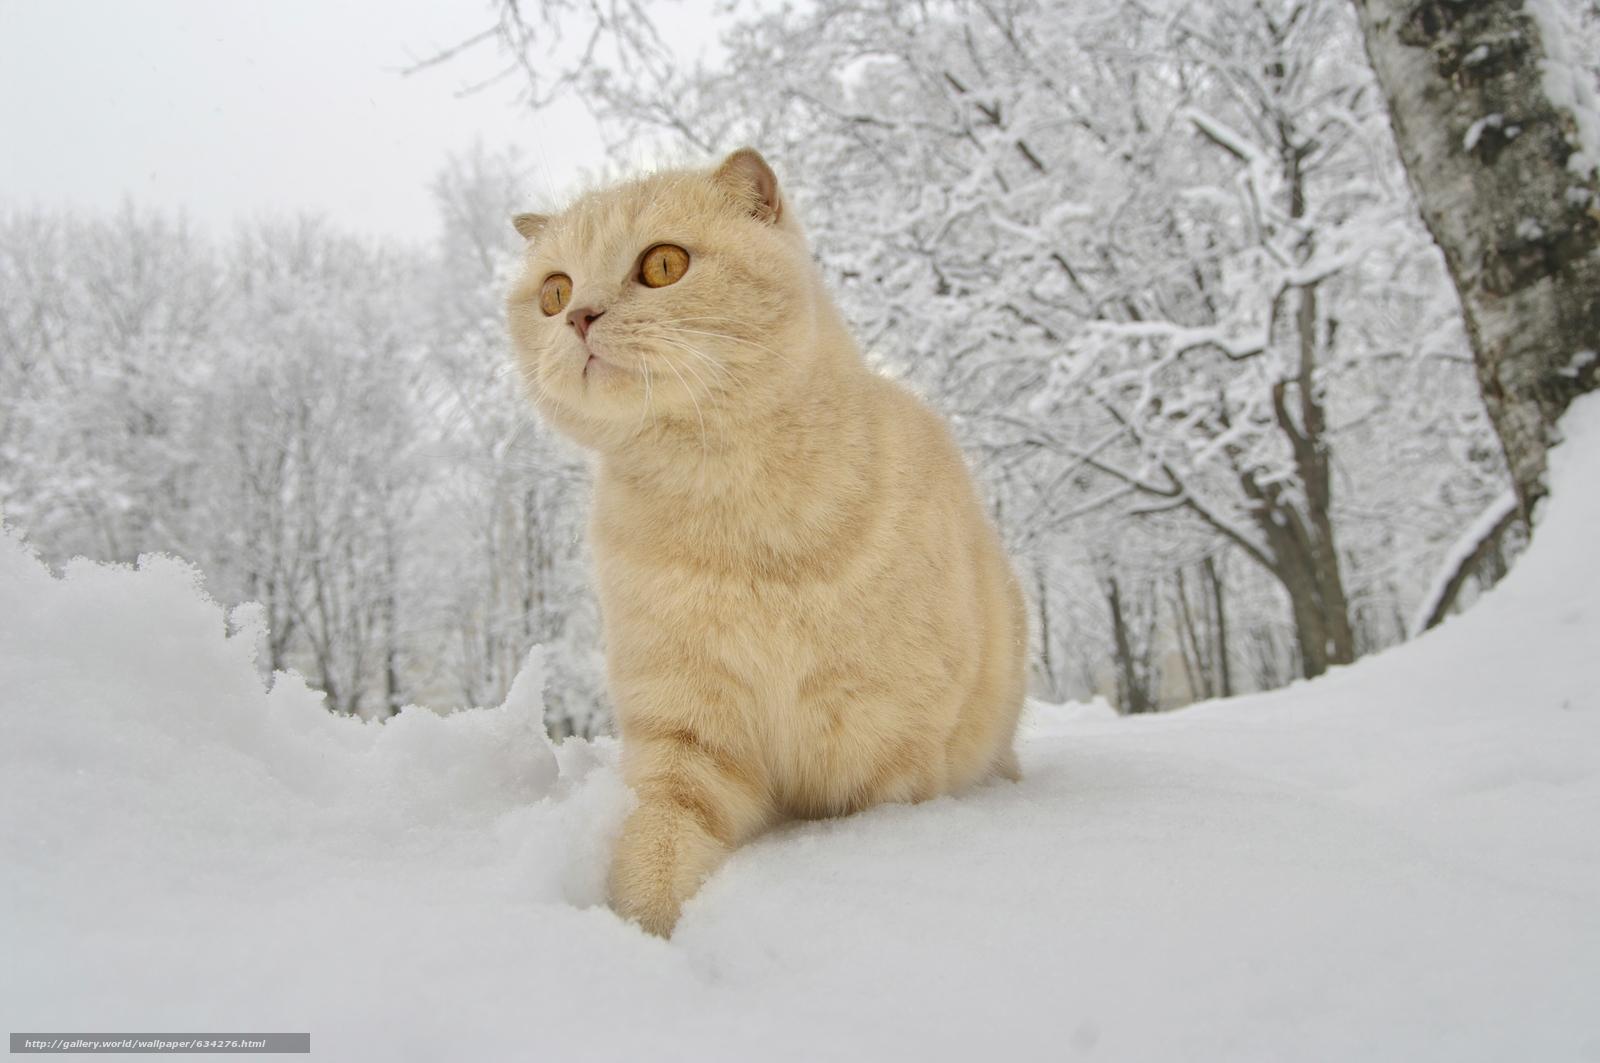 下载壁纸 猫,  冬天,  雪 免费为您的桌面分辨率的壁纸 4672x3104 — 图片 №634276